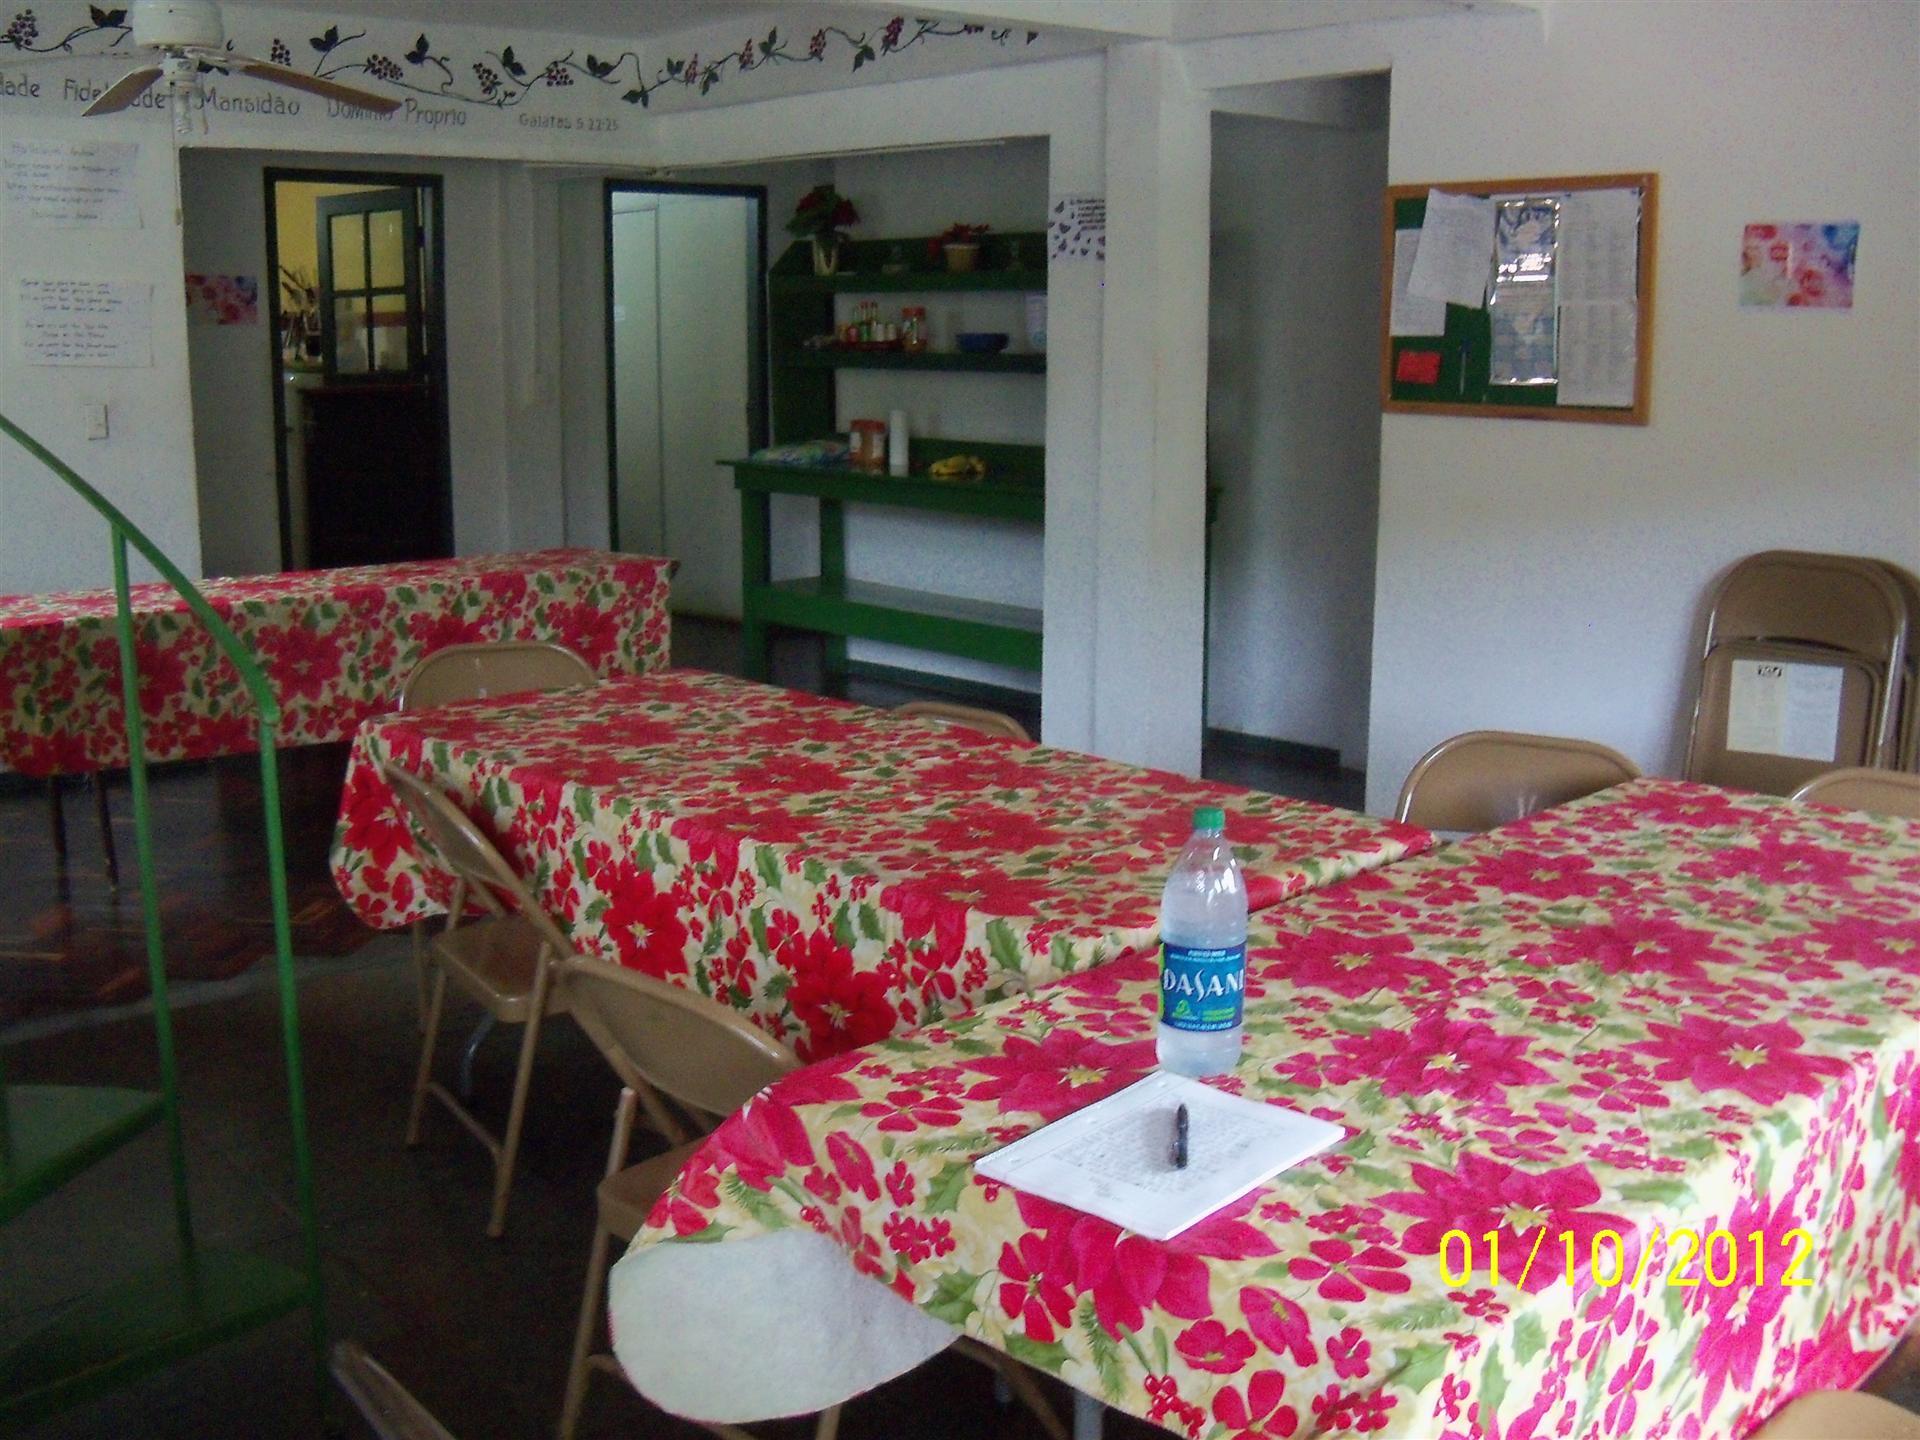 Dining - Main Room